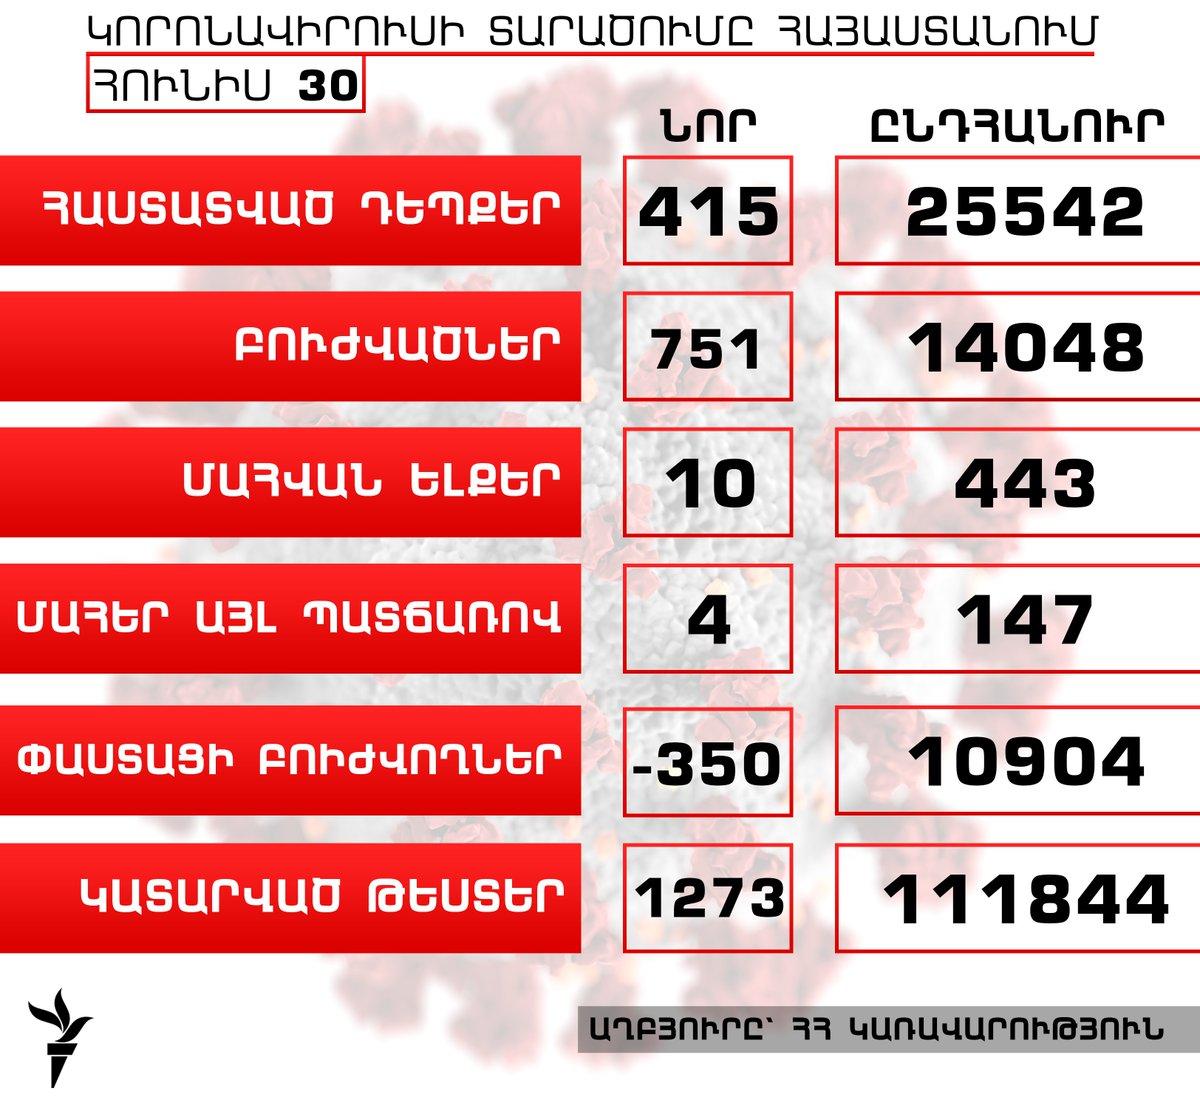 Հայաստանում կորոնավիրուսի դեպքերի թիվն աճել է 415-ով, բուժվածներինը՝ 751-ով, գրանցվել է մահվան ևս 10 դեպք  https://t.co/AmMQ0fopco https://t.co/frIQJCwsvr